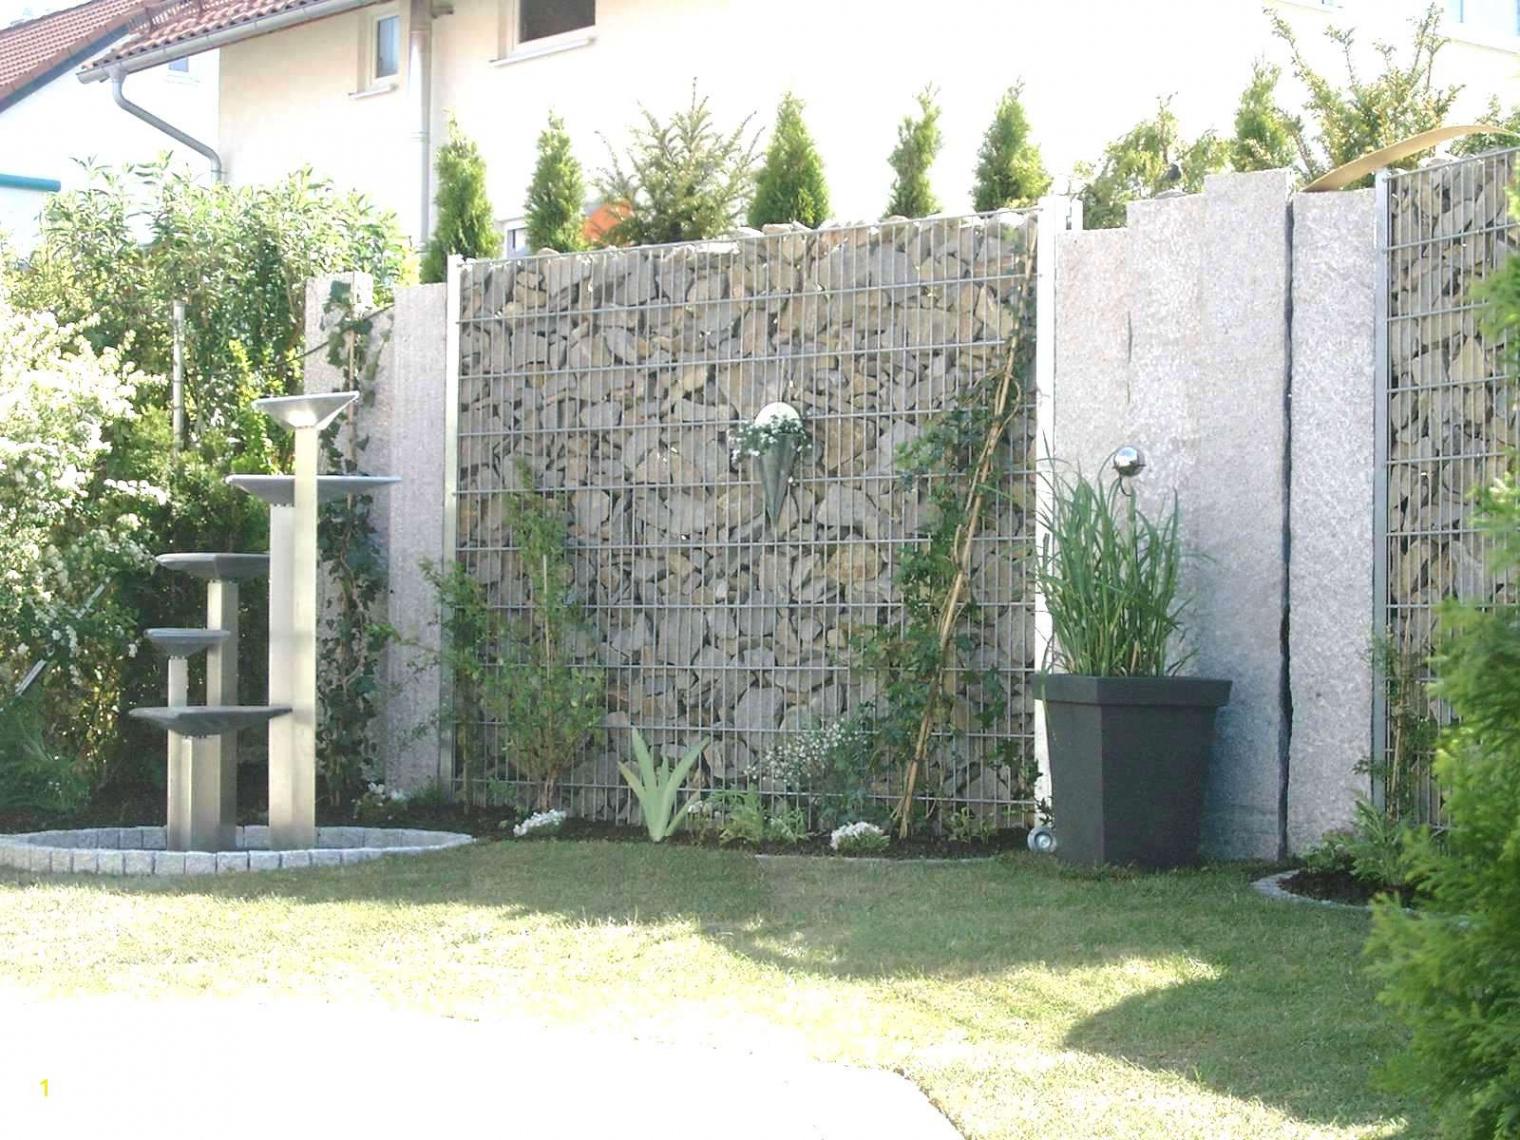 sichtschutz aus pflanzen neu inspirierend terrasse sichtschutz sichtschutz pflanzen balkon sichtschutz pflanzen balkon